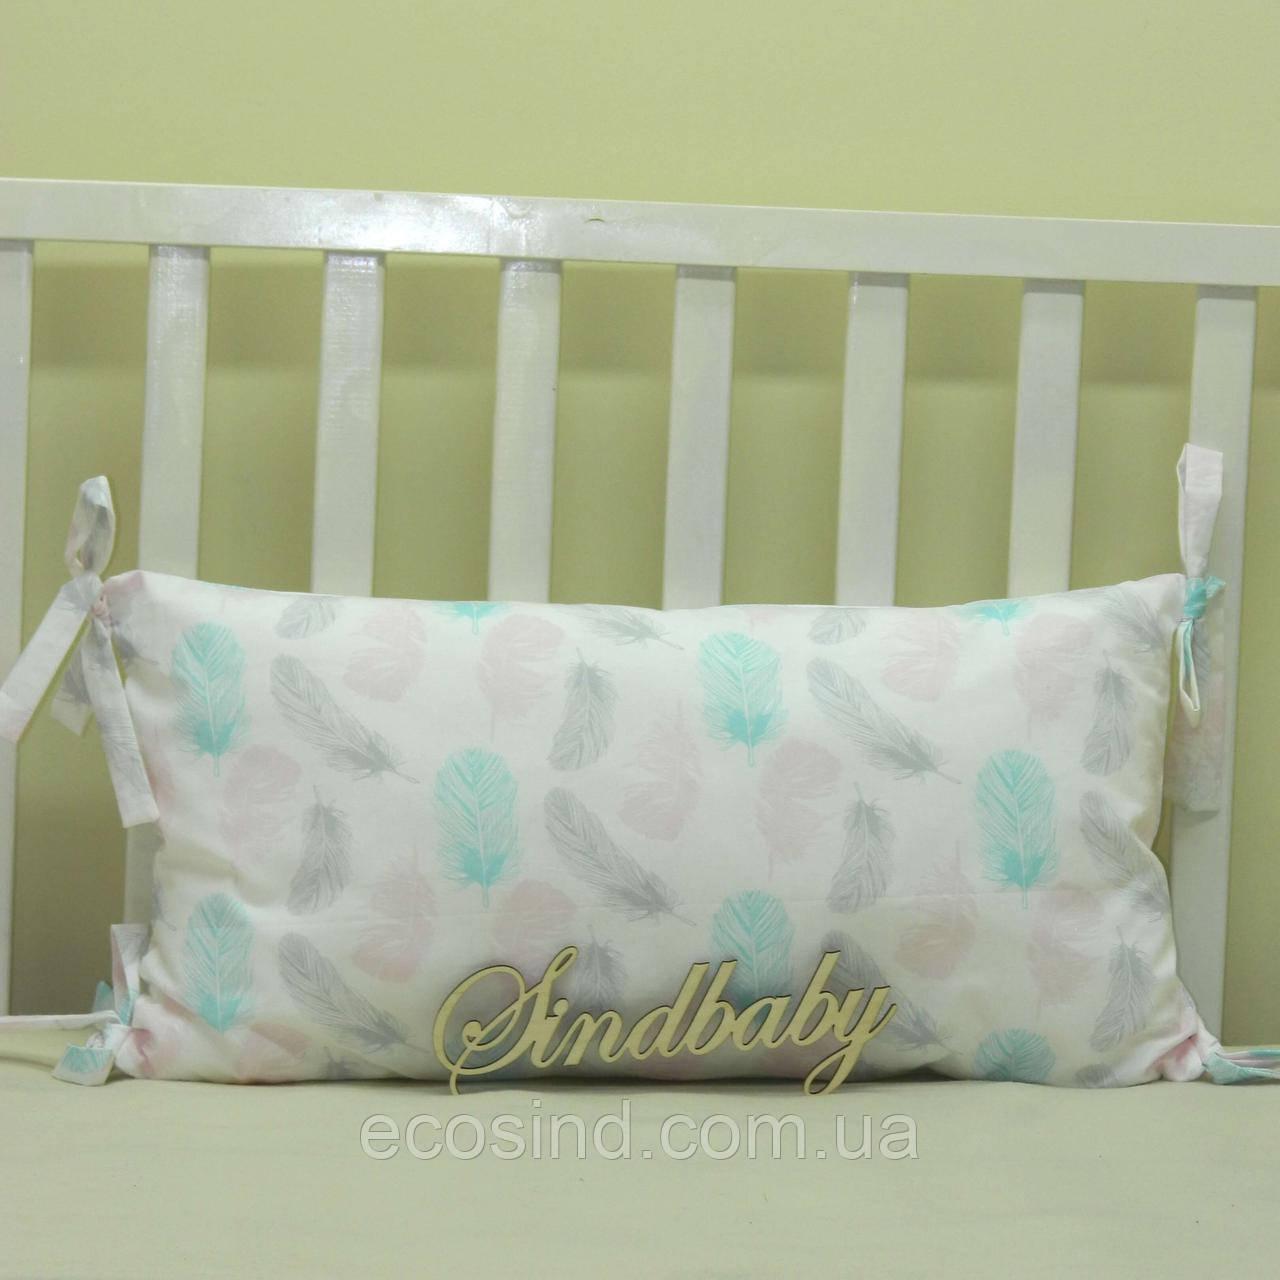 Бортики подушки в кроватку, Подушка сатин 30х60 -14